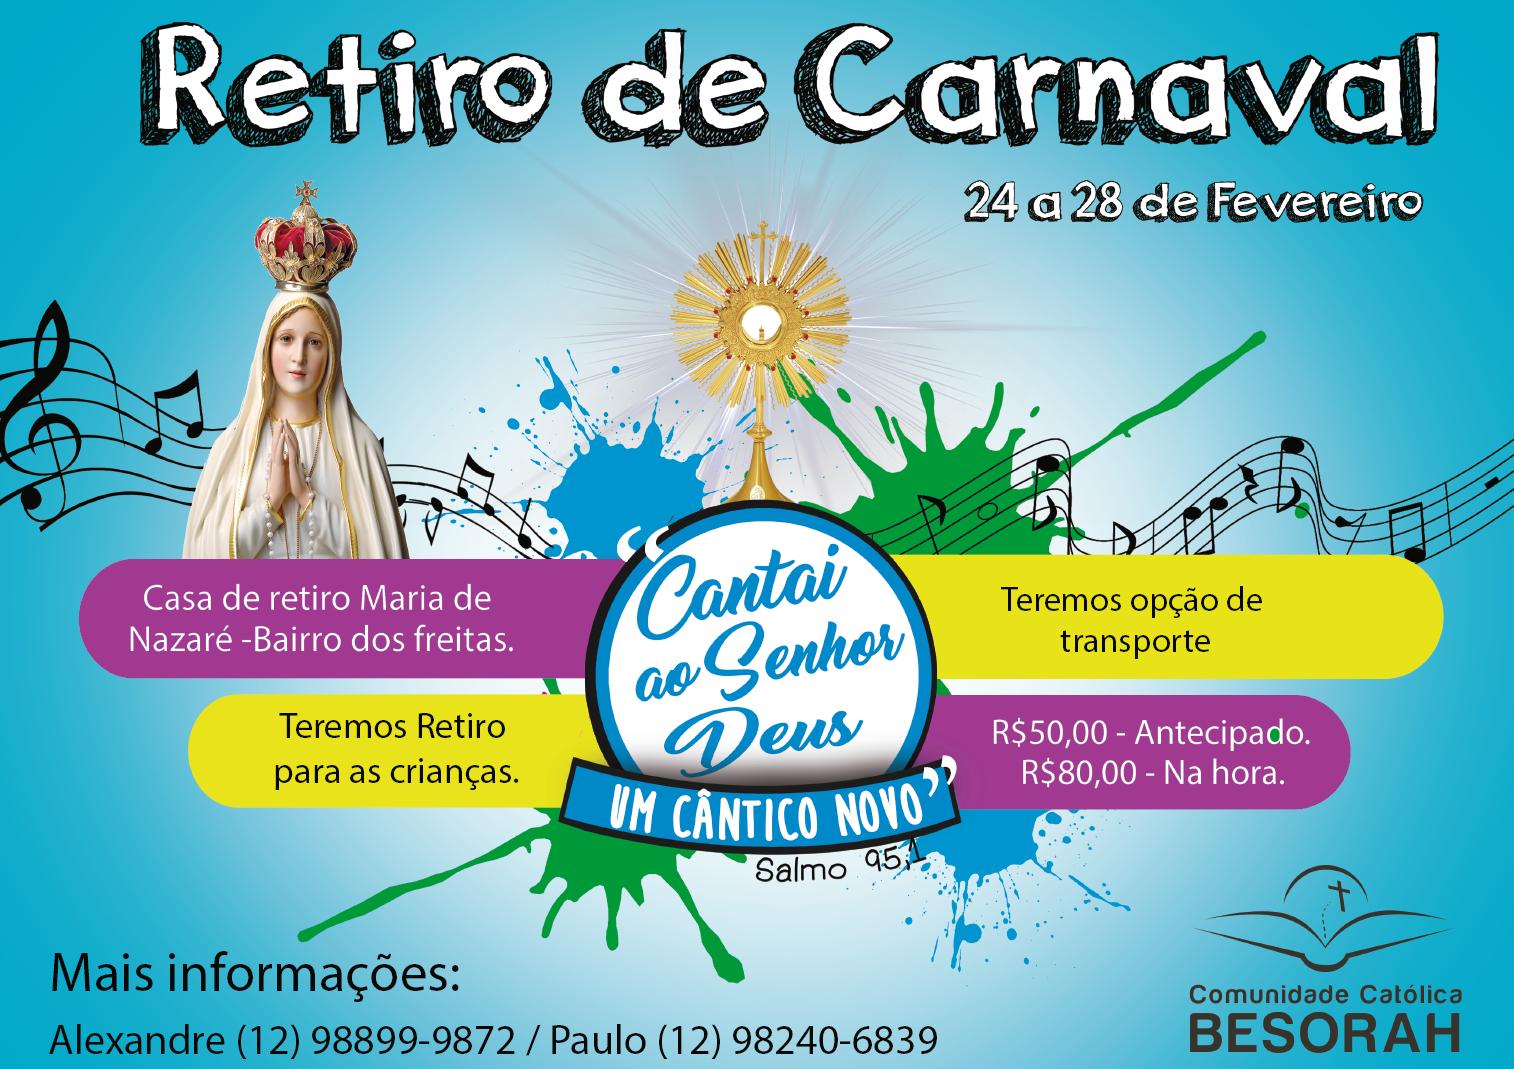 RETIRO DE CARNAVAL 2017 - COMUNIDADE BESORAH